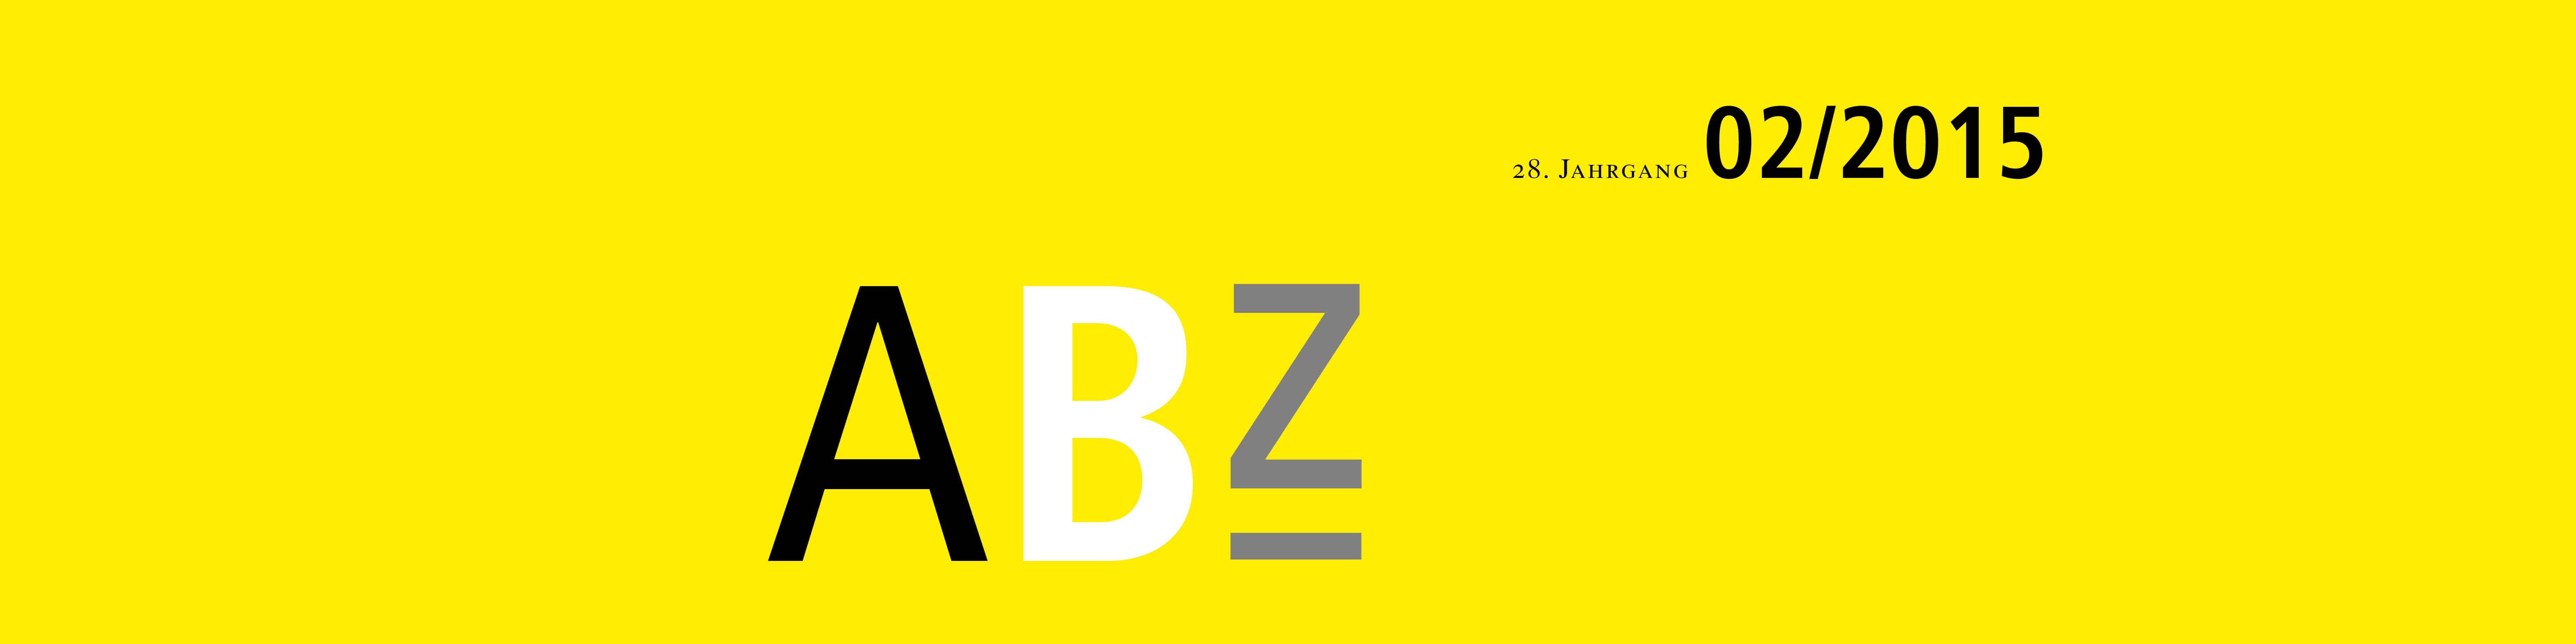 ABZ TANNER Zeitschrift Header 02/2015